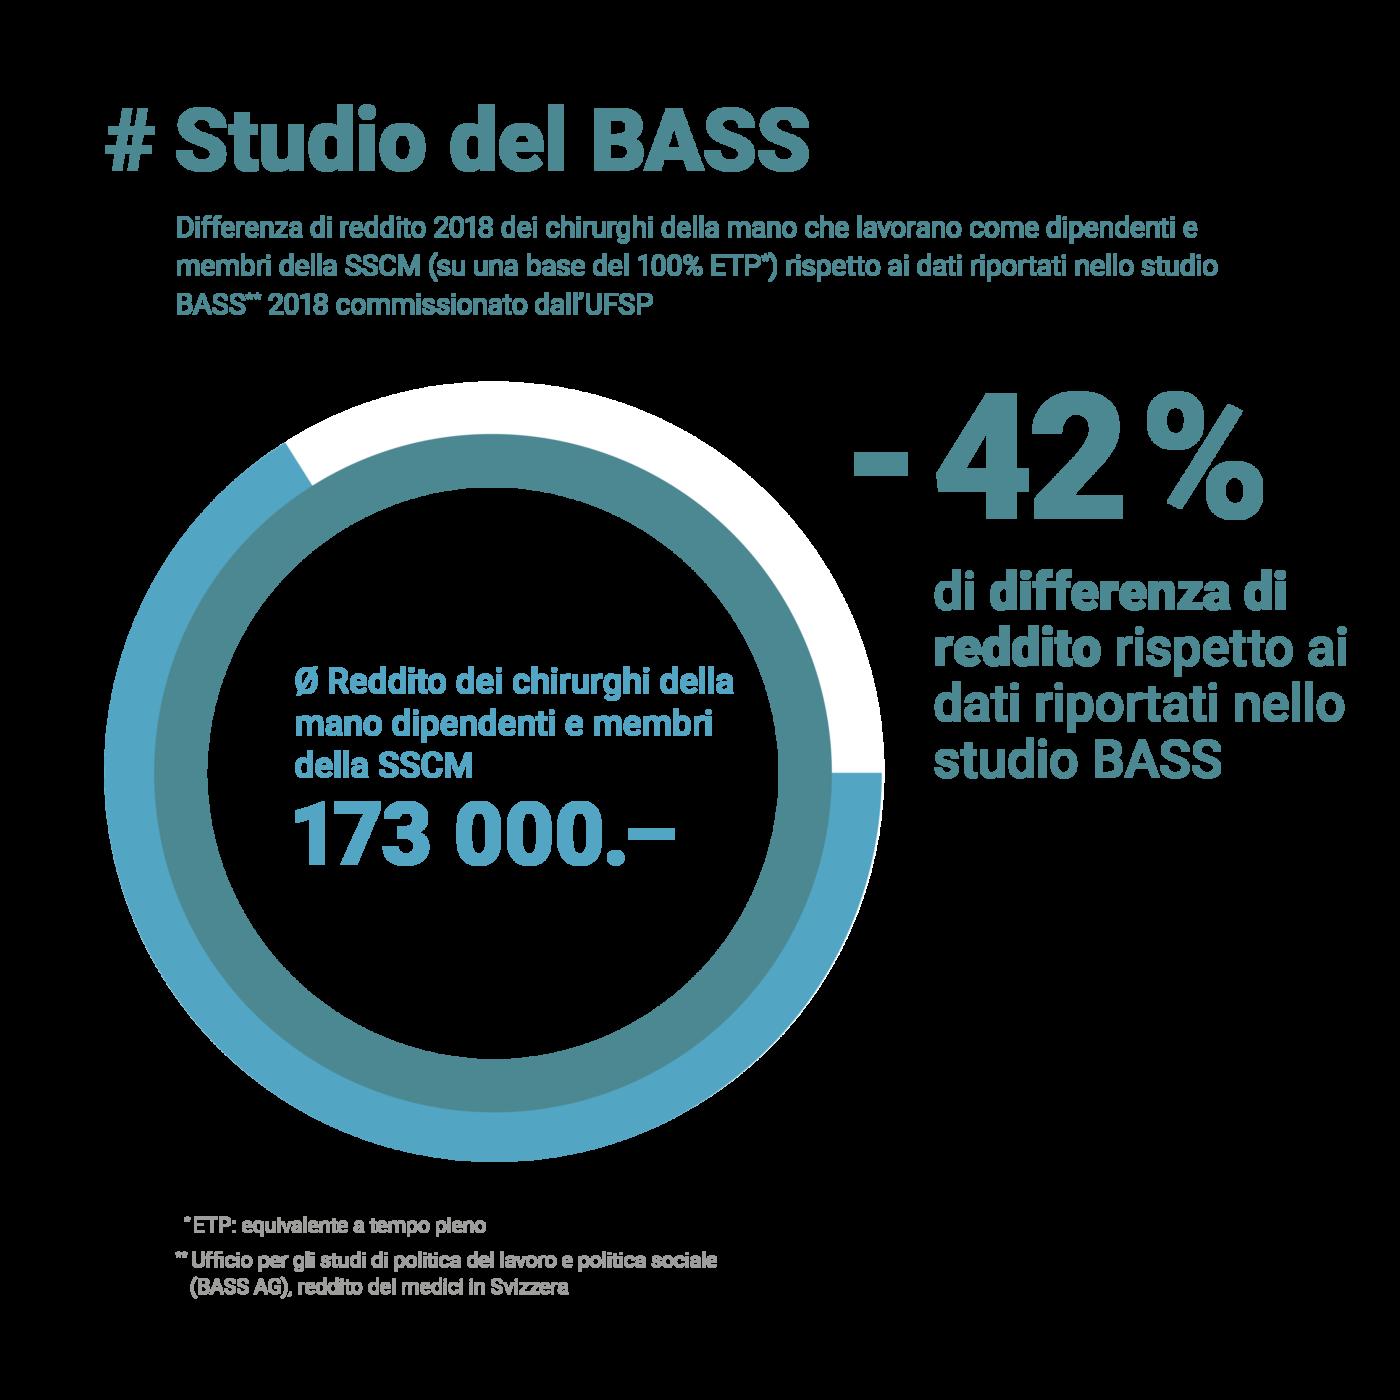 Studio del BASS